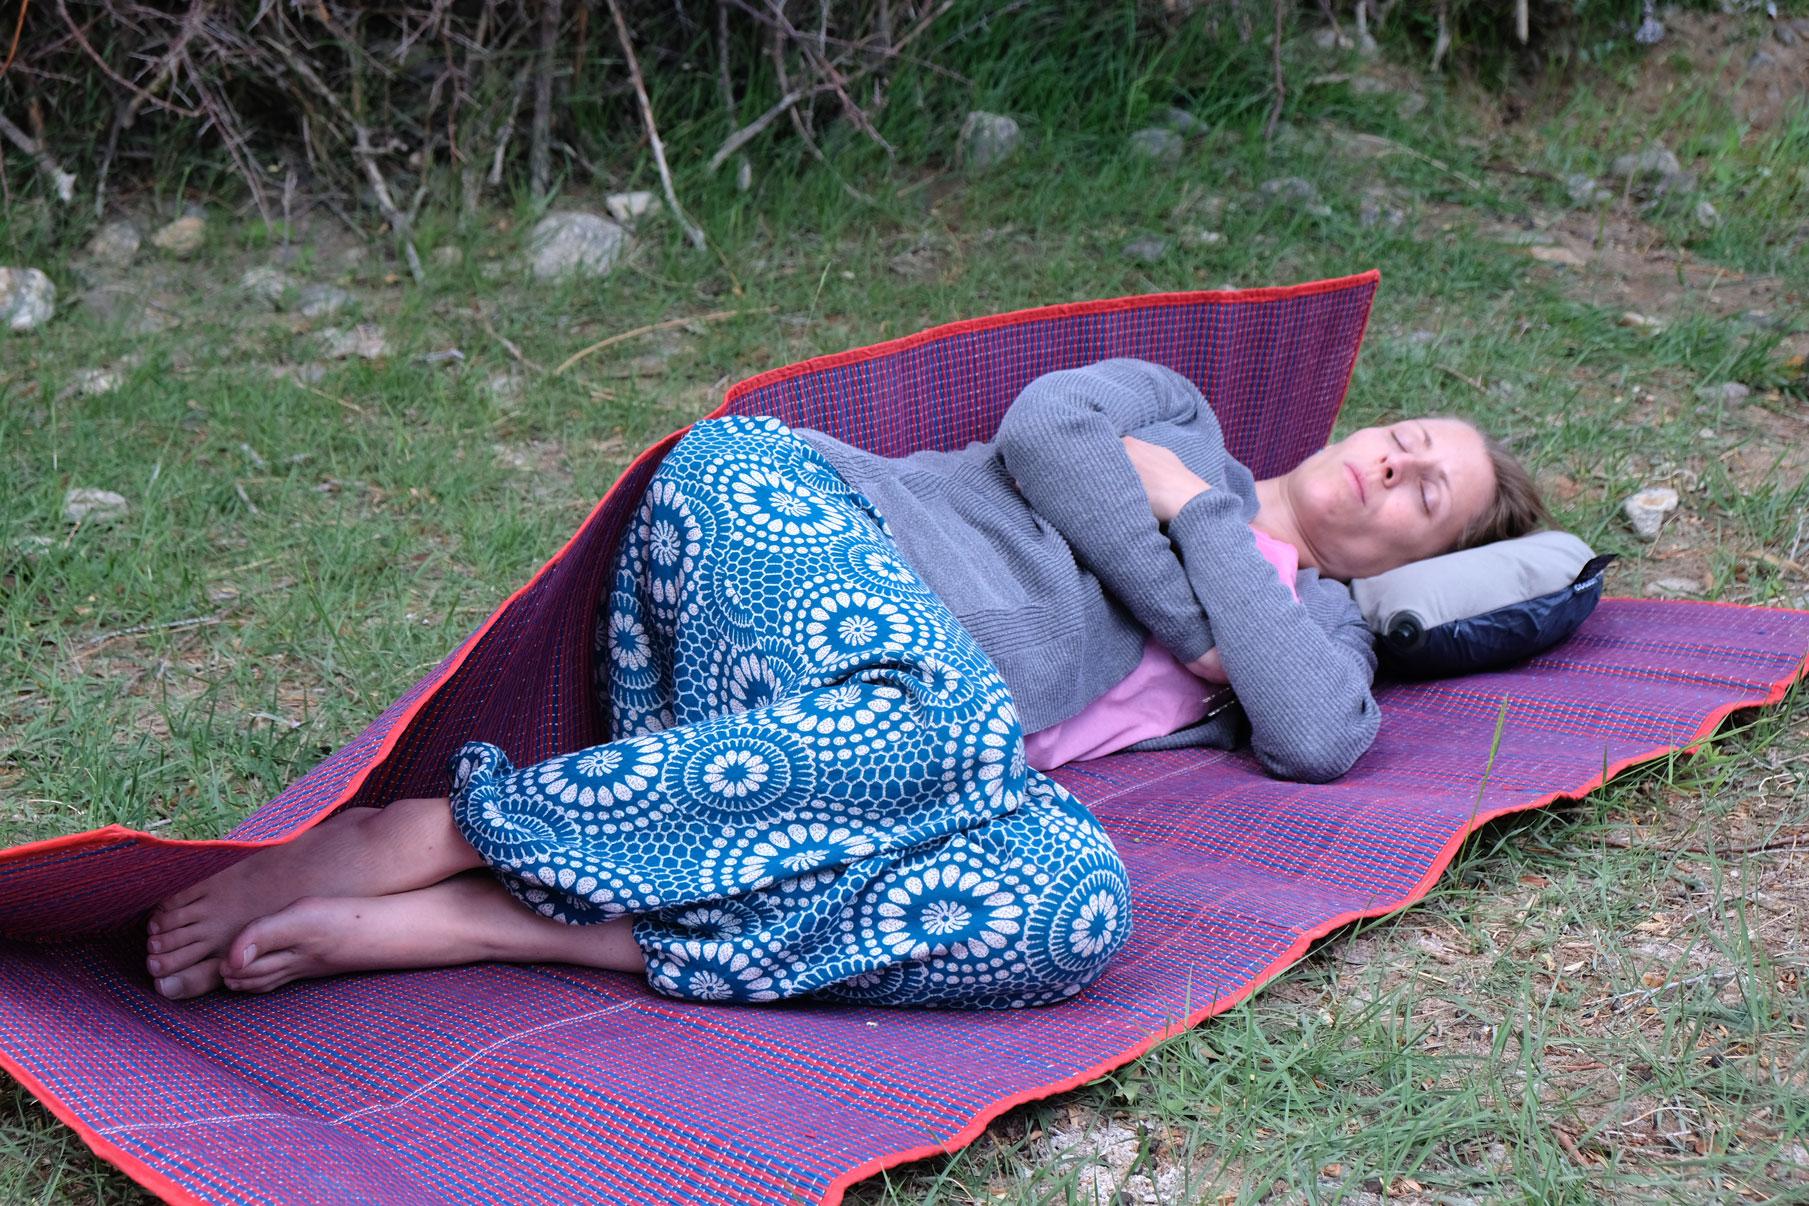 Reisen ist auch anstrengend. Leo ruht sich bei einem Nickerchen aus.